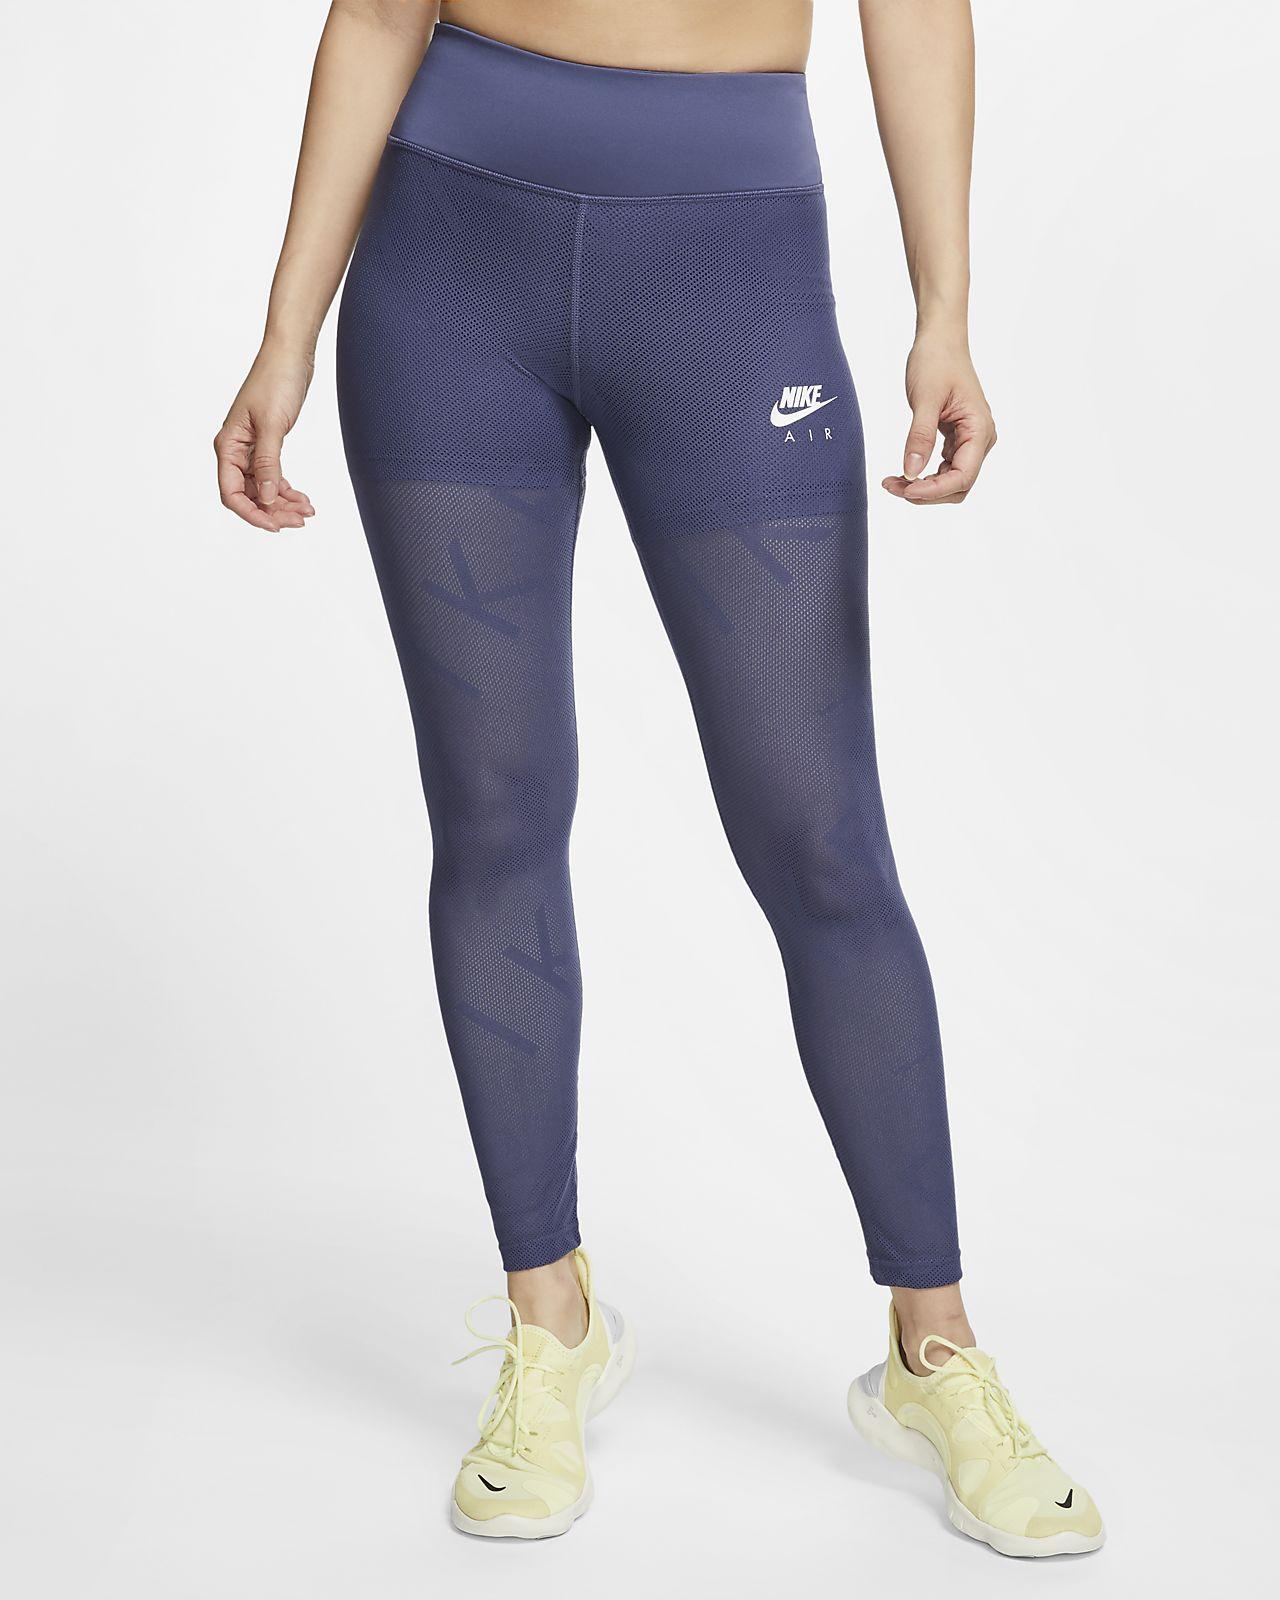 Nike Air nettingløpetights i 7/8-lengde til dame